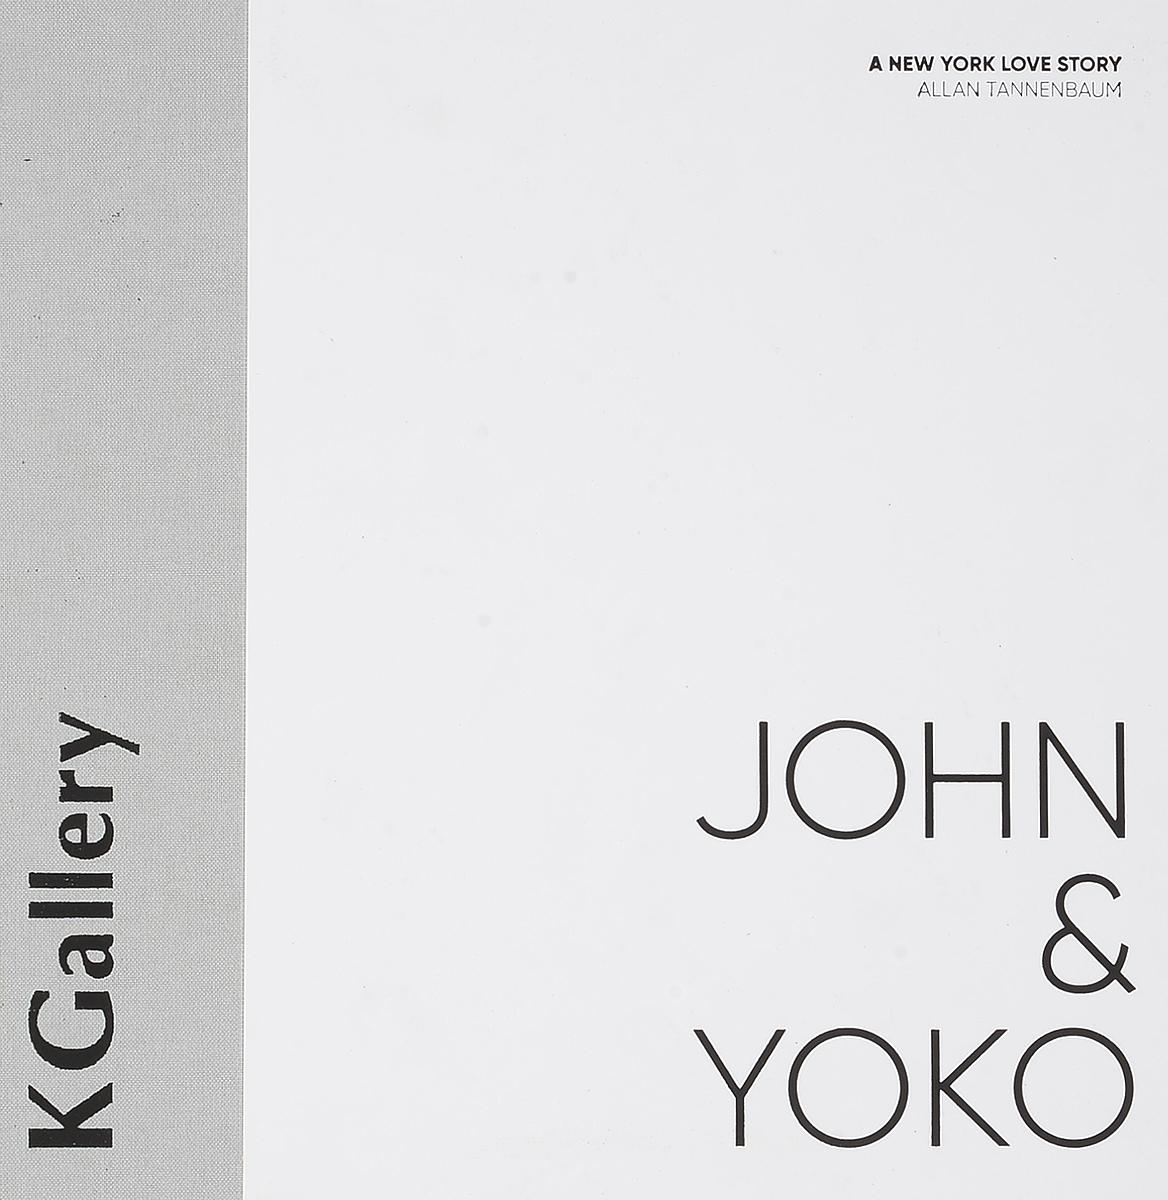 Аллан Танненбаум John & Joko/Джон и Йоко. Нью-йоркская история любви йоко сан иероглиф любви